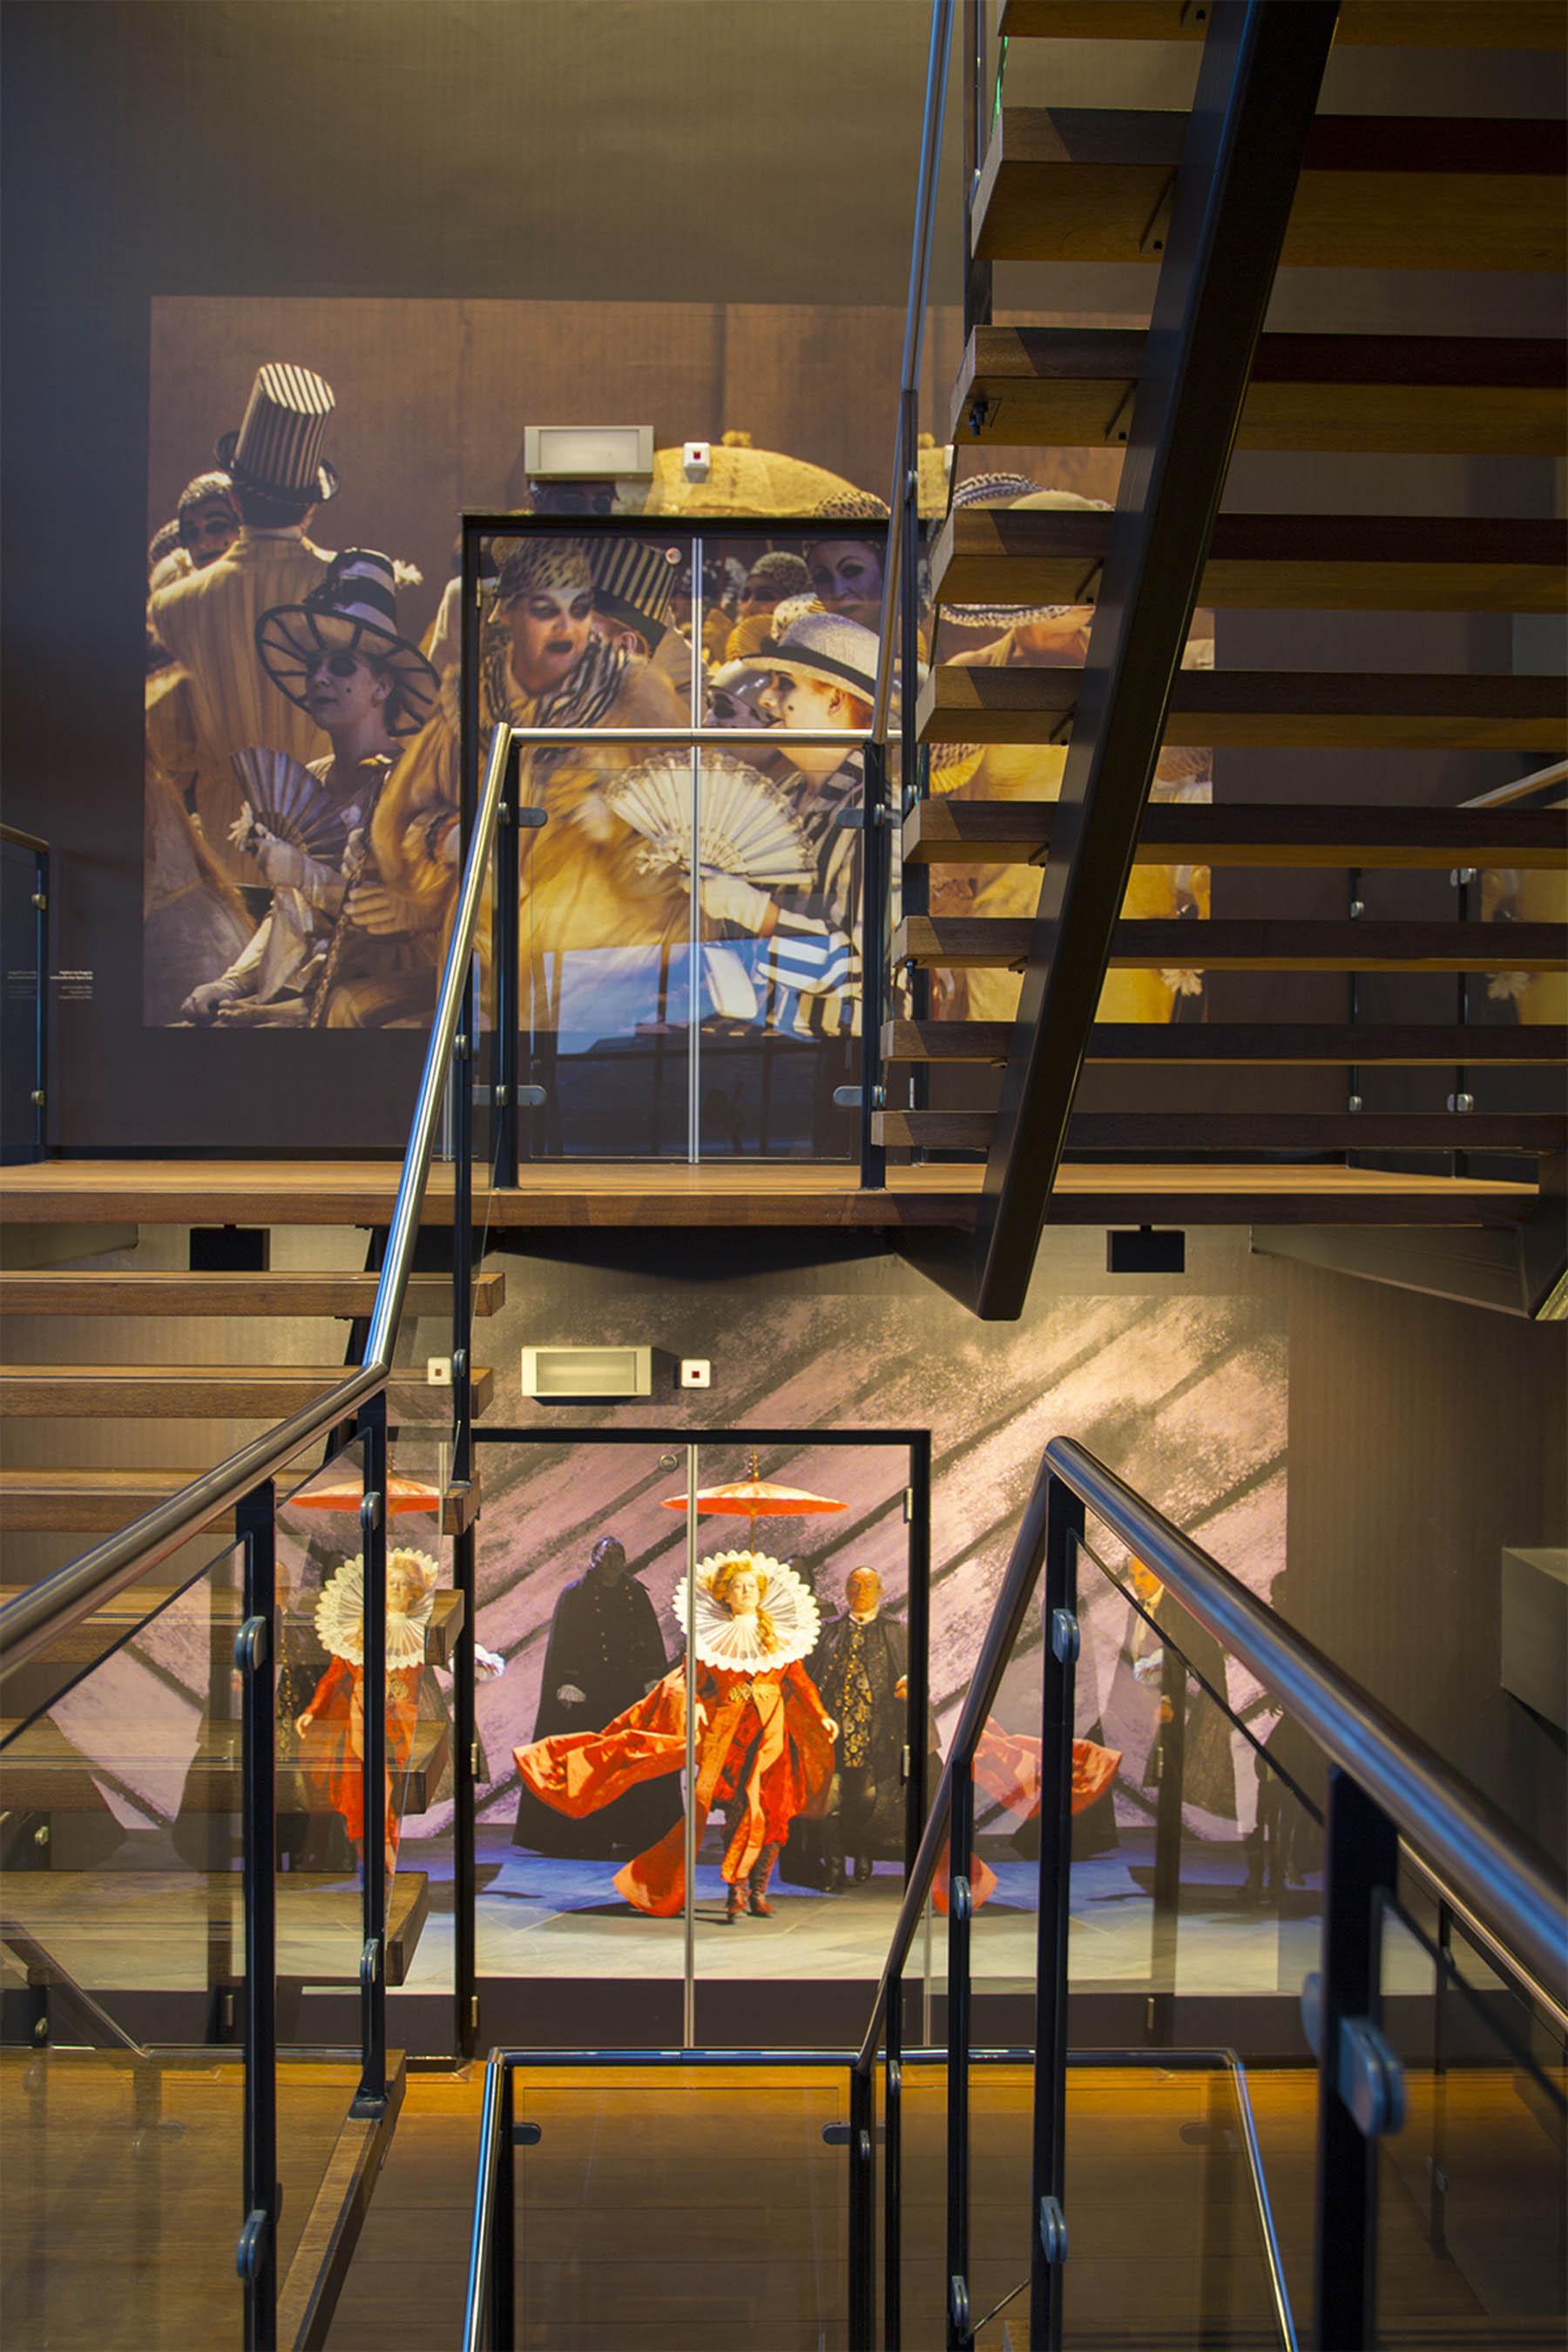 Vernieuwde Theater de Flint vernieuwd, totale renovatie ...